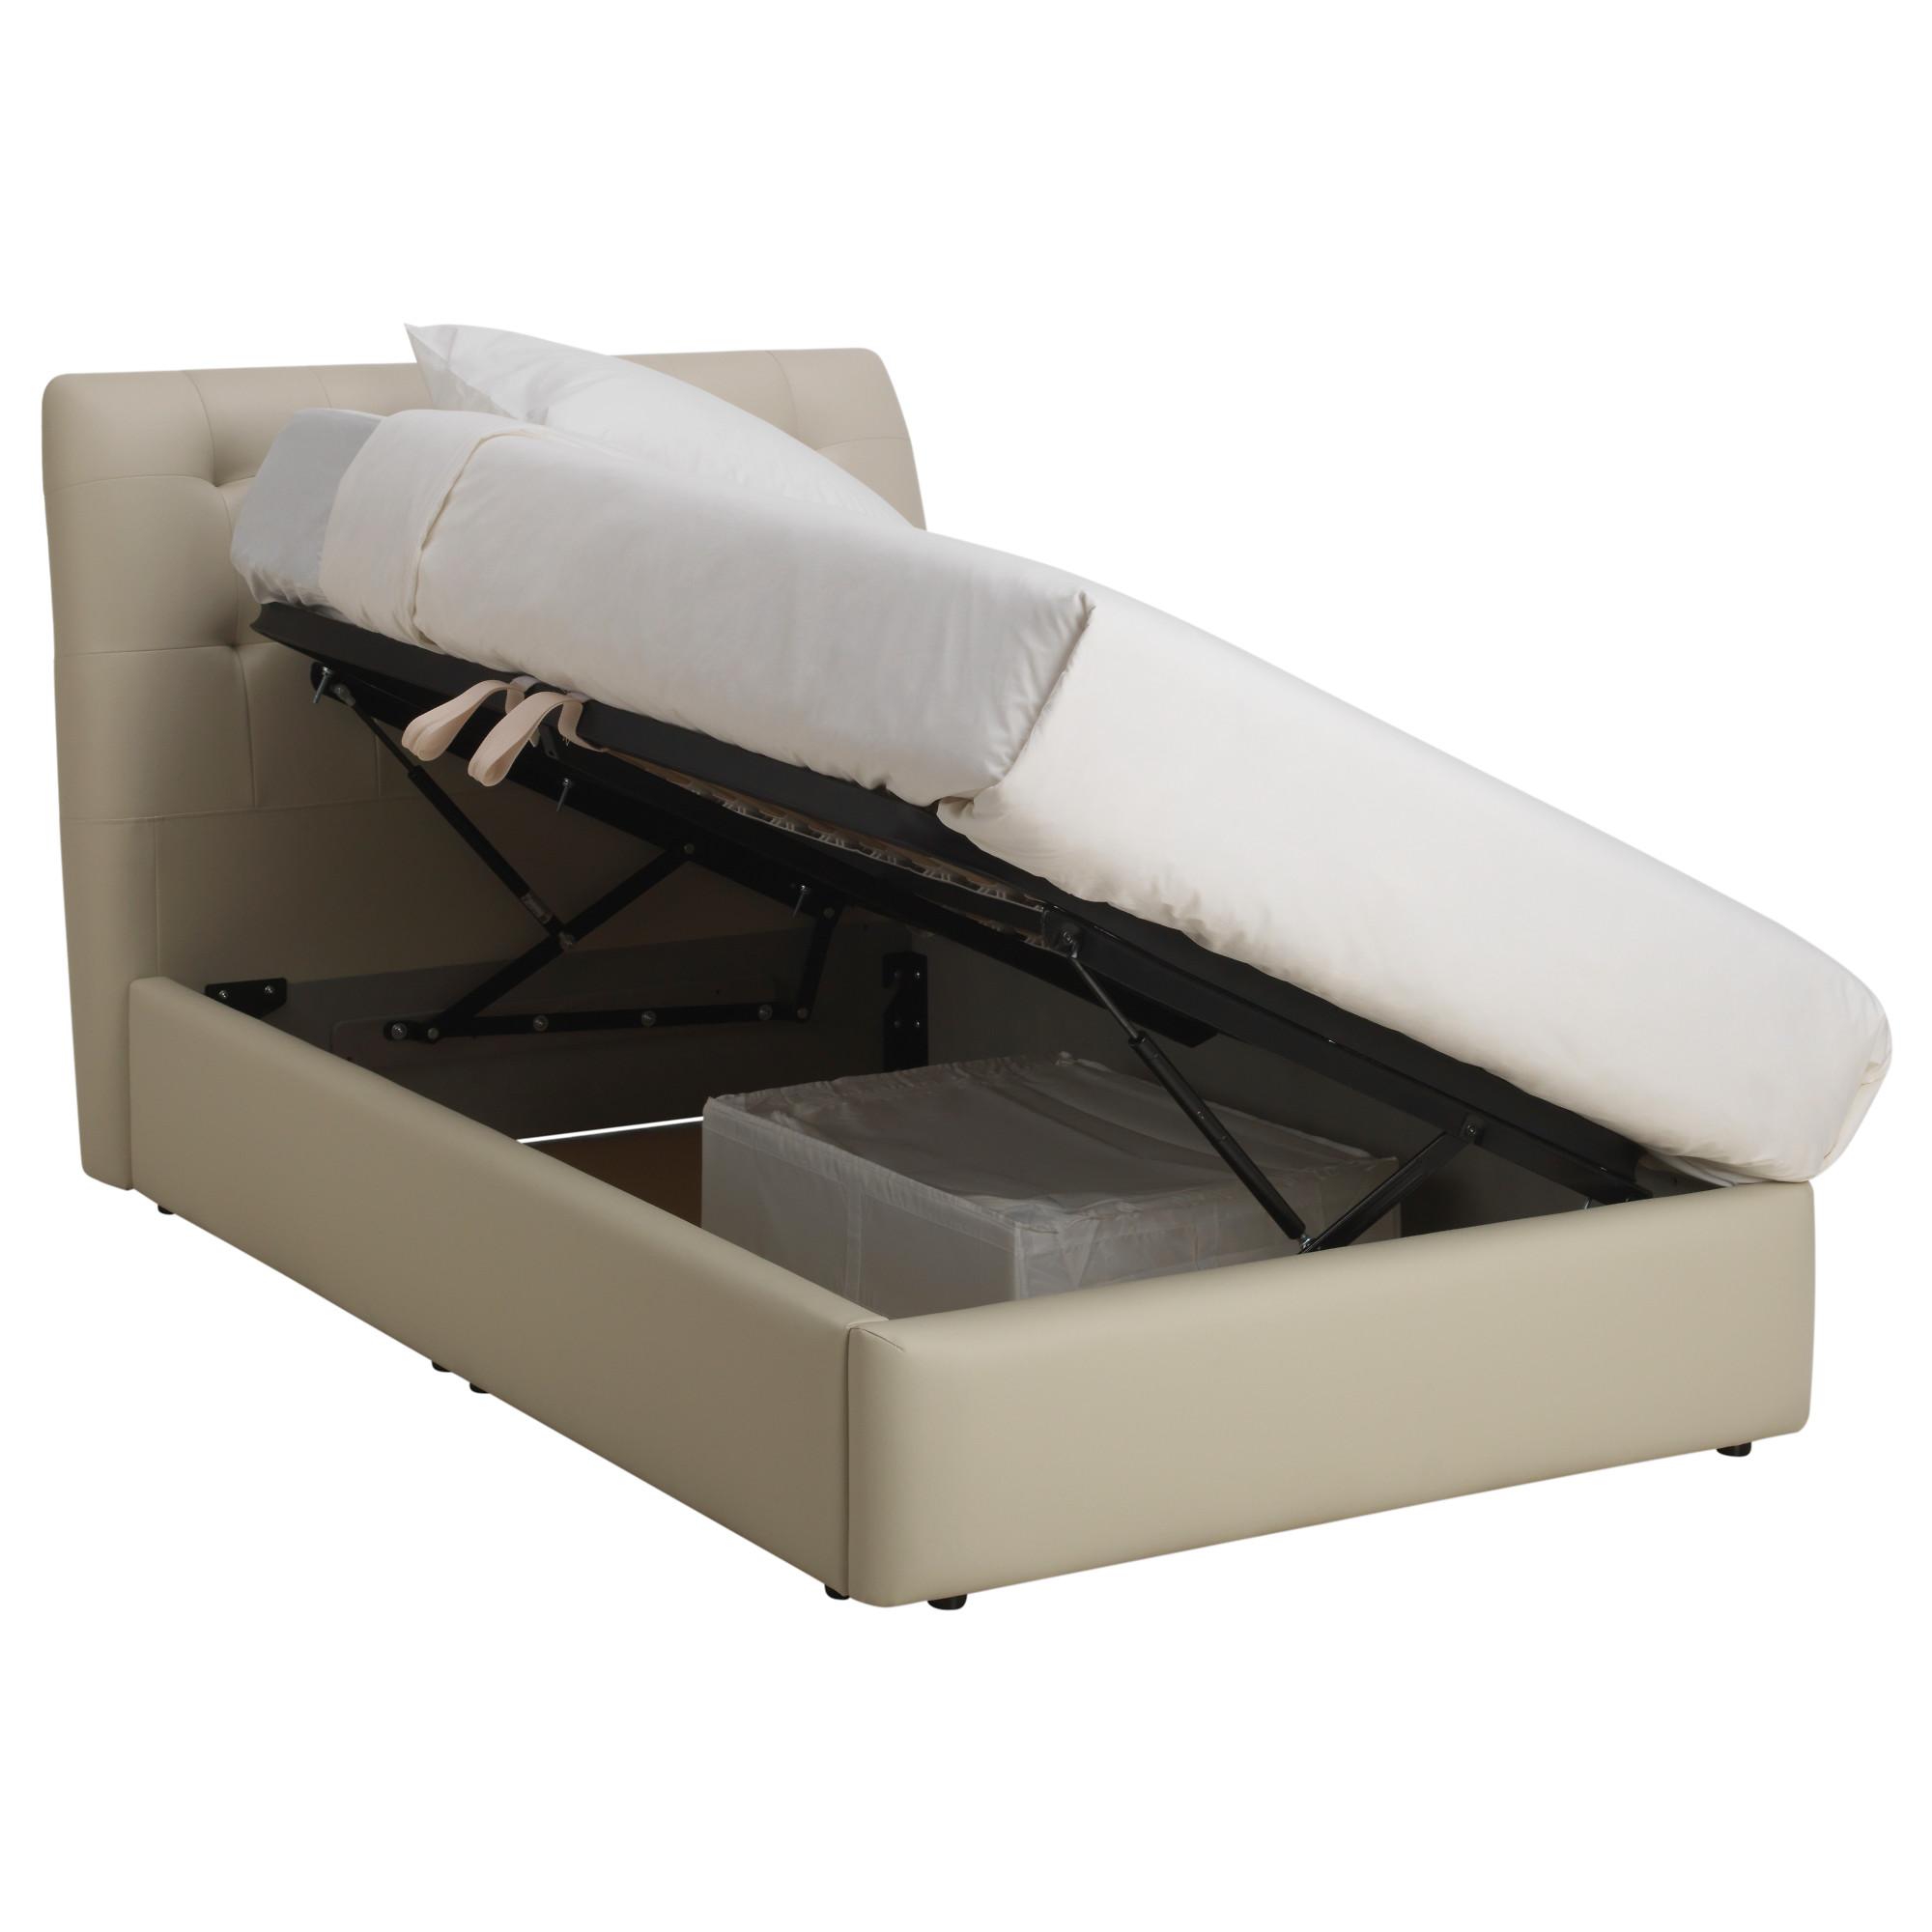 Strange Kortgarden Ottoman Bed Small Double Ikea Hong Kong Inzonedesignstudio Interior Chair Design Inzonedesignstudiocom